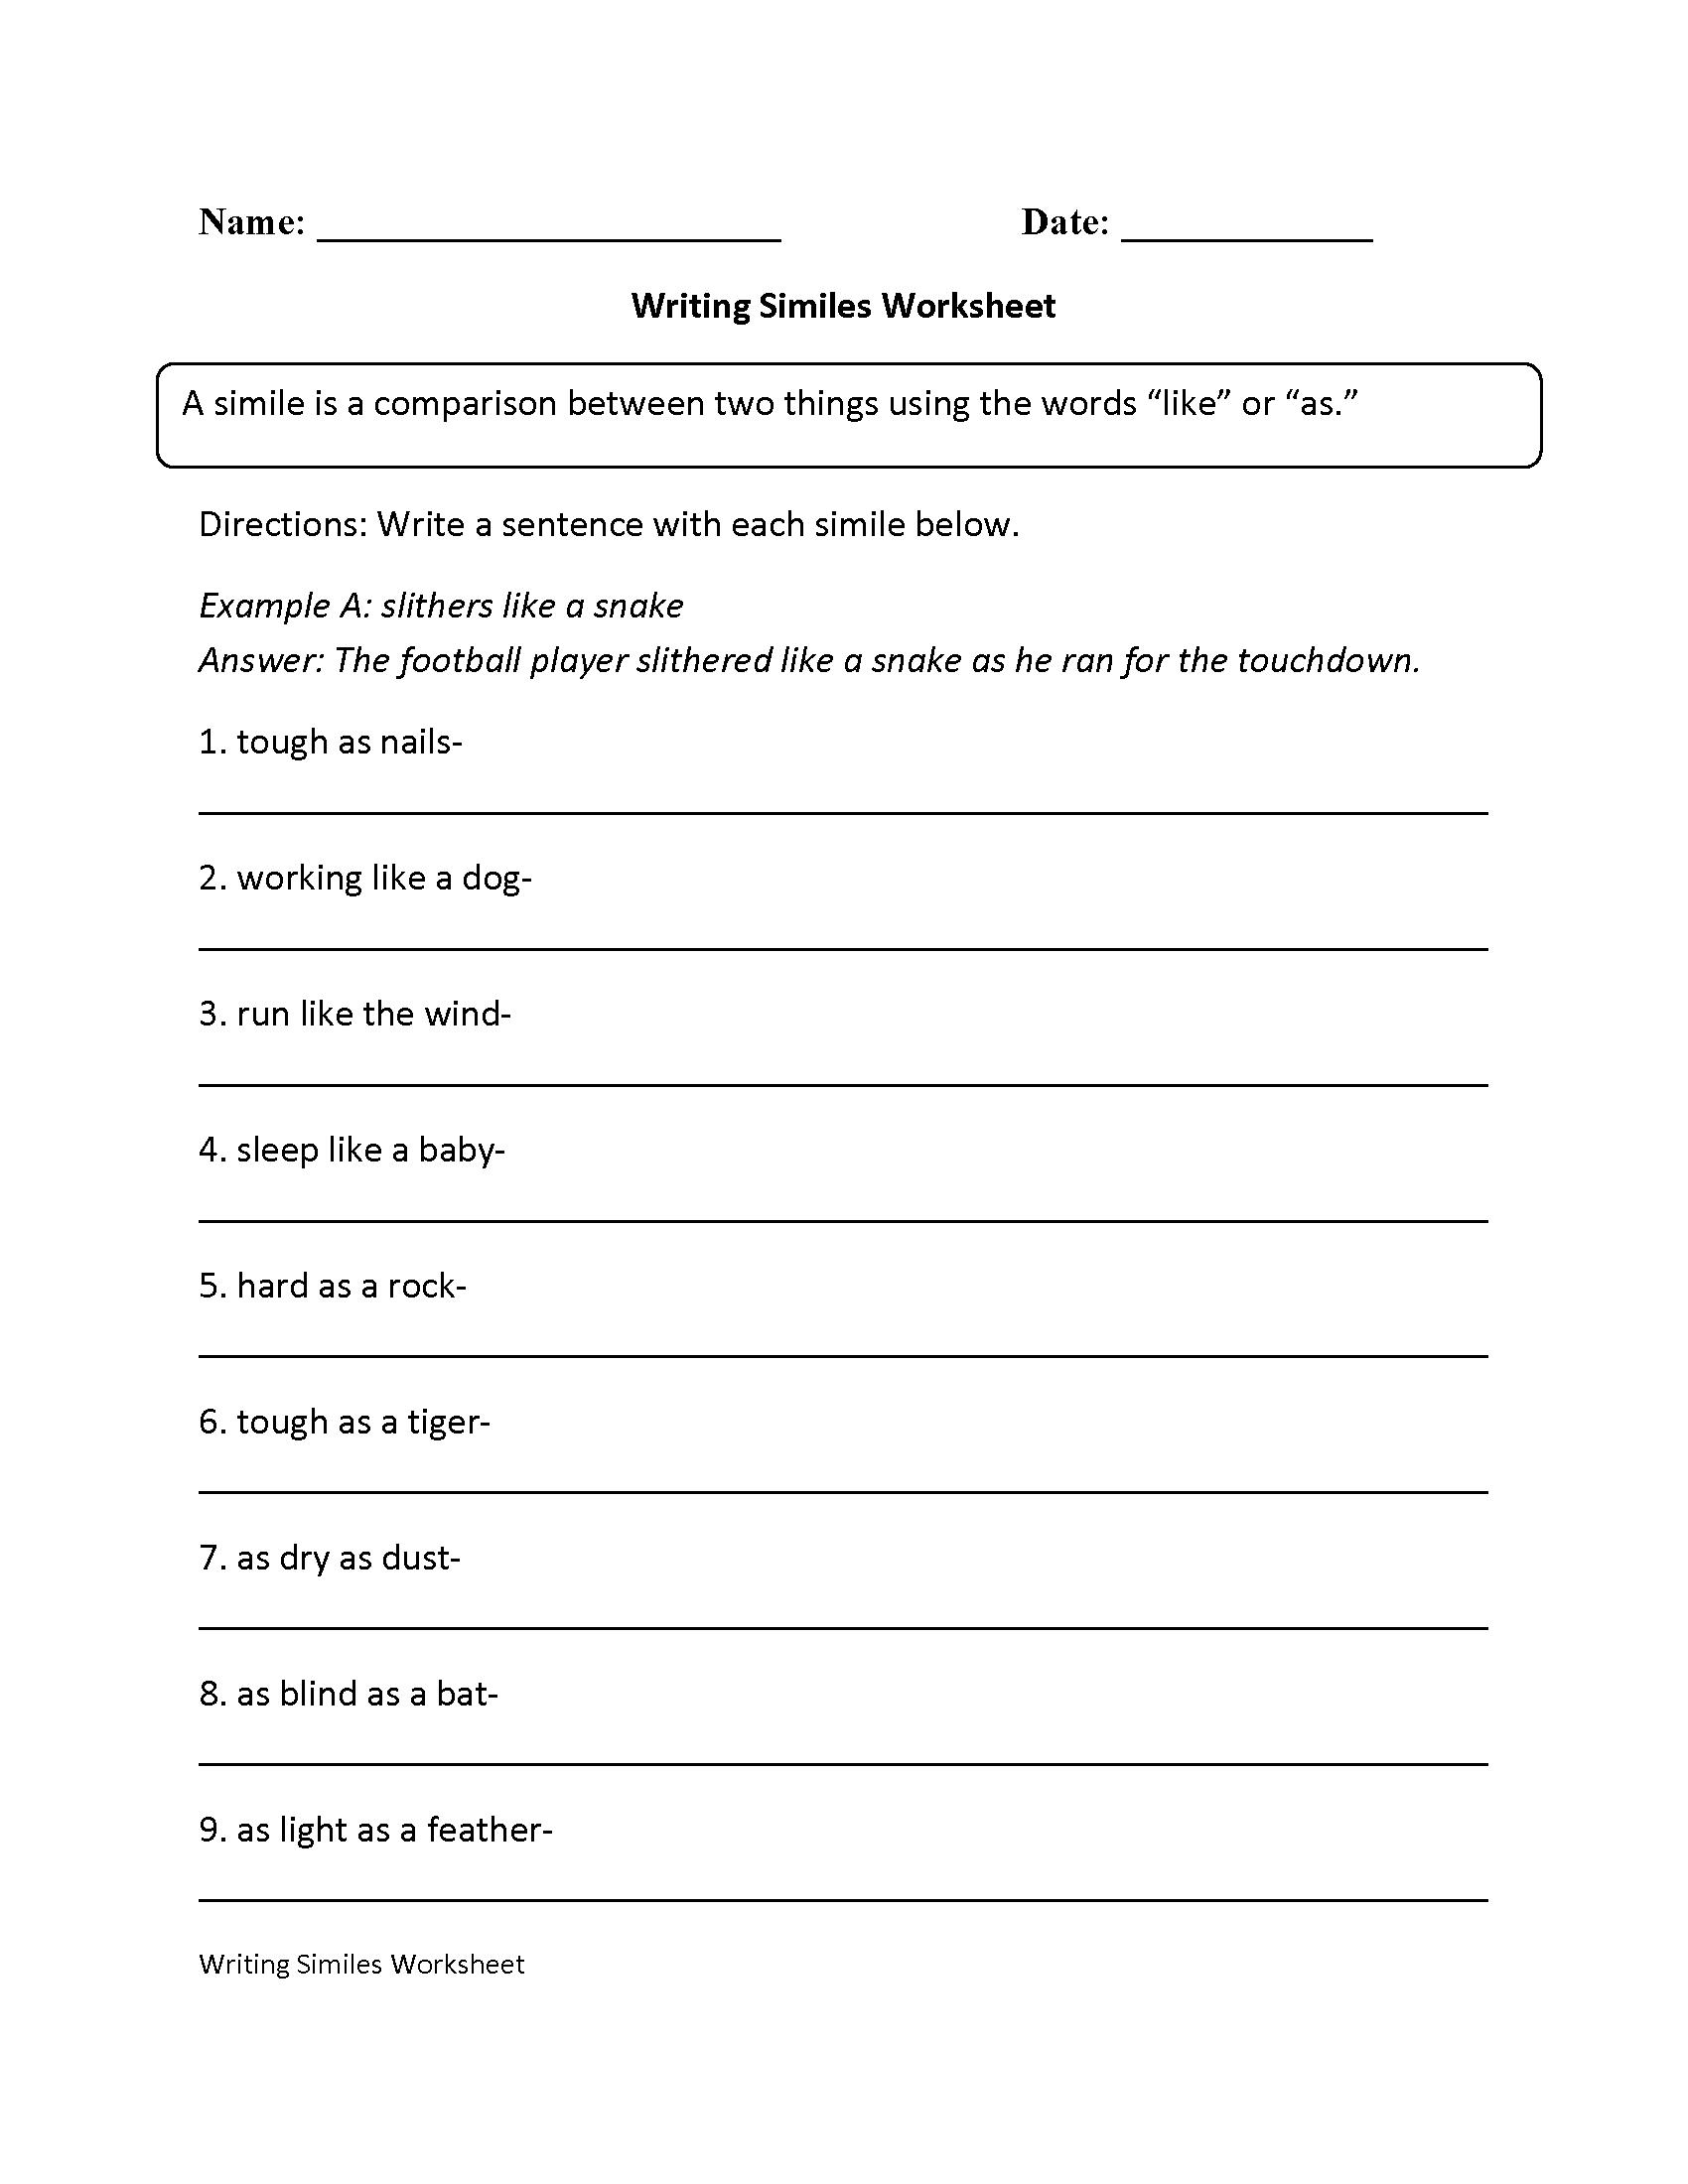 Writing Simile Worksheet